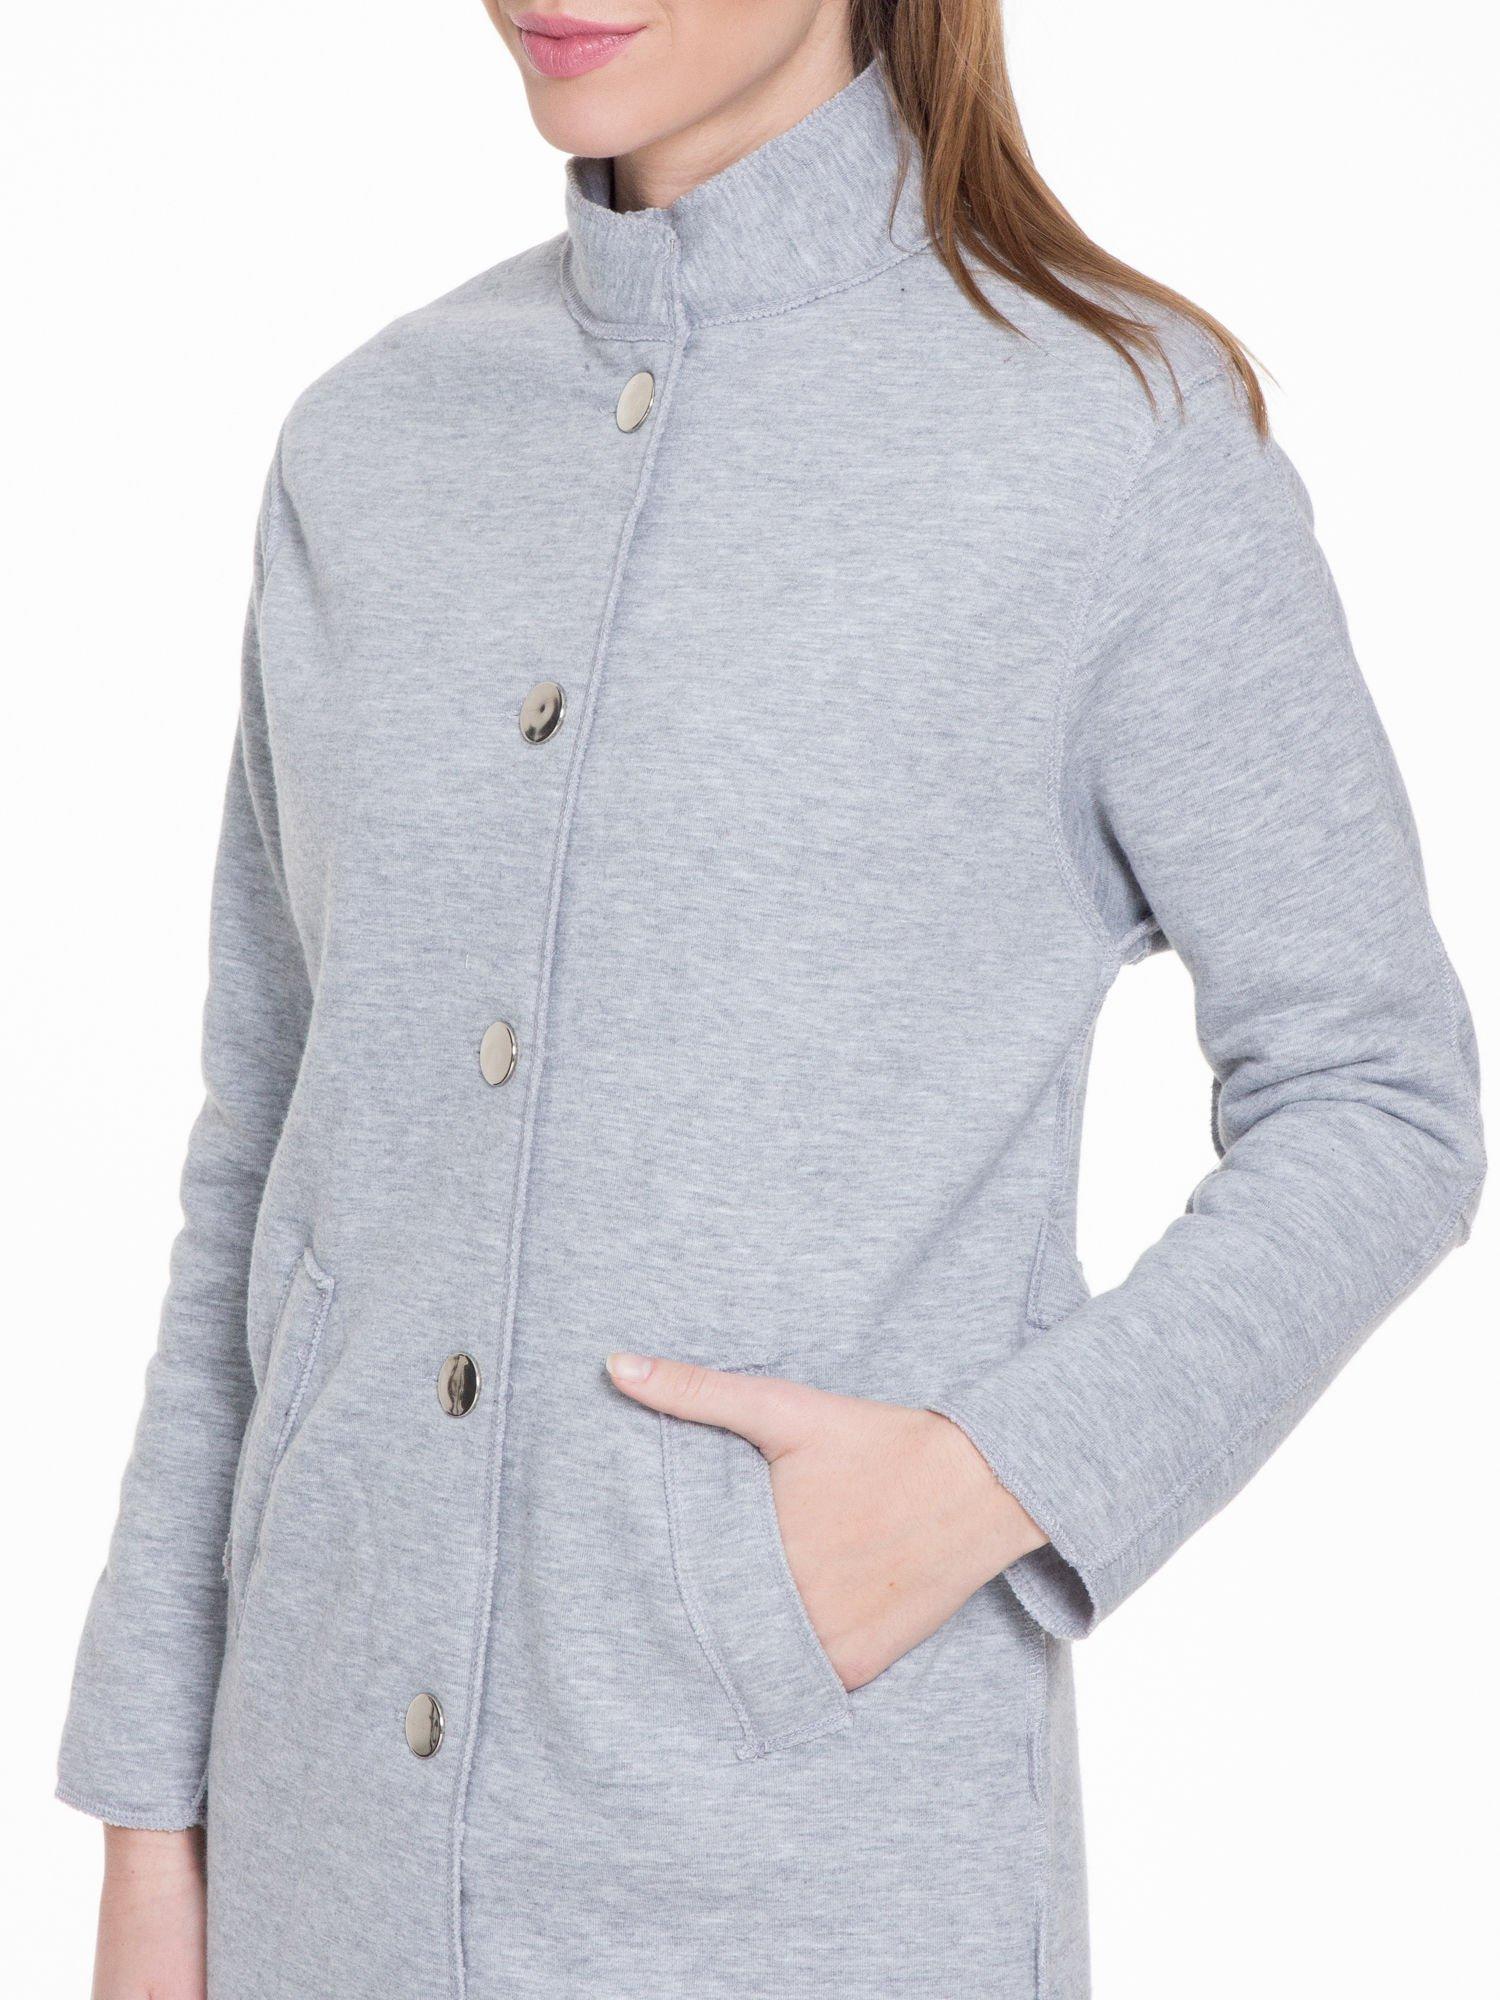 Szary dresowy płaszcz o kroju oversize                                  zdj.                                  5